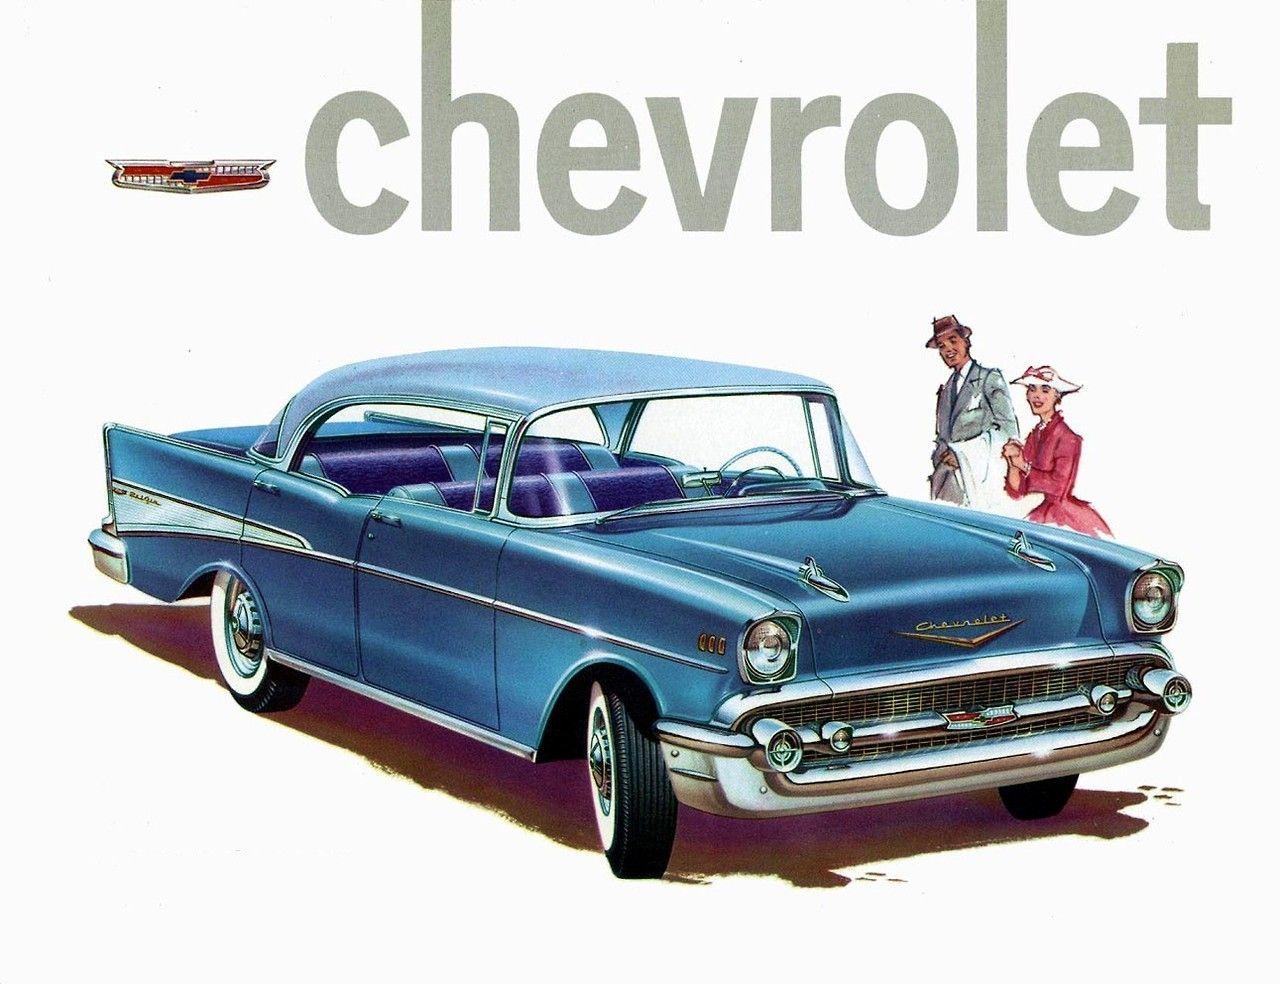 Jim Chester S Garage Chevrolet Chevrolet Bel Air Sports Sedan